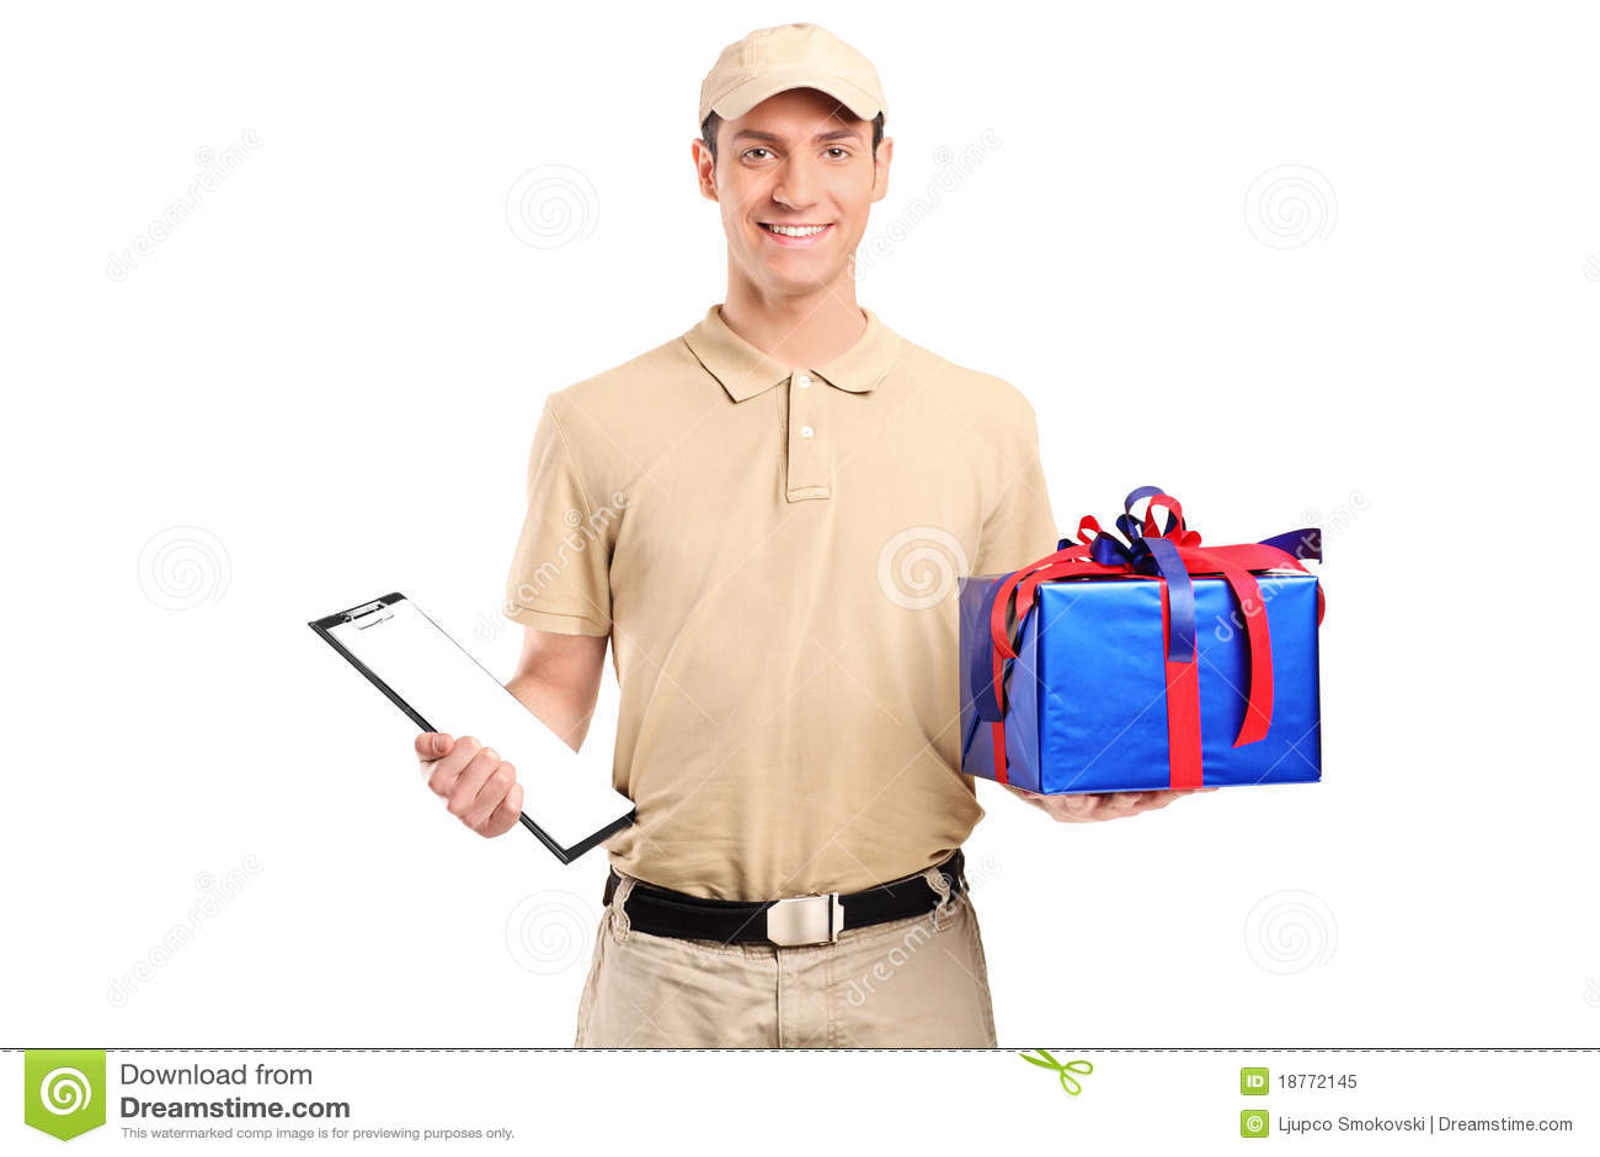 Как доставить подарок в другой город лично в руки 17